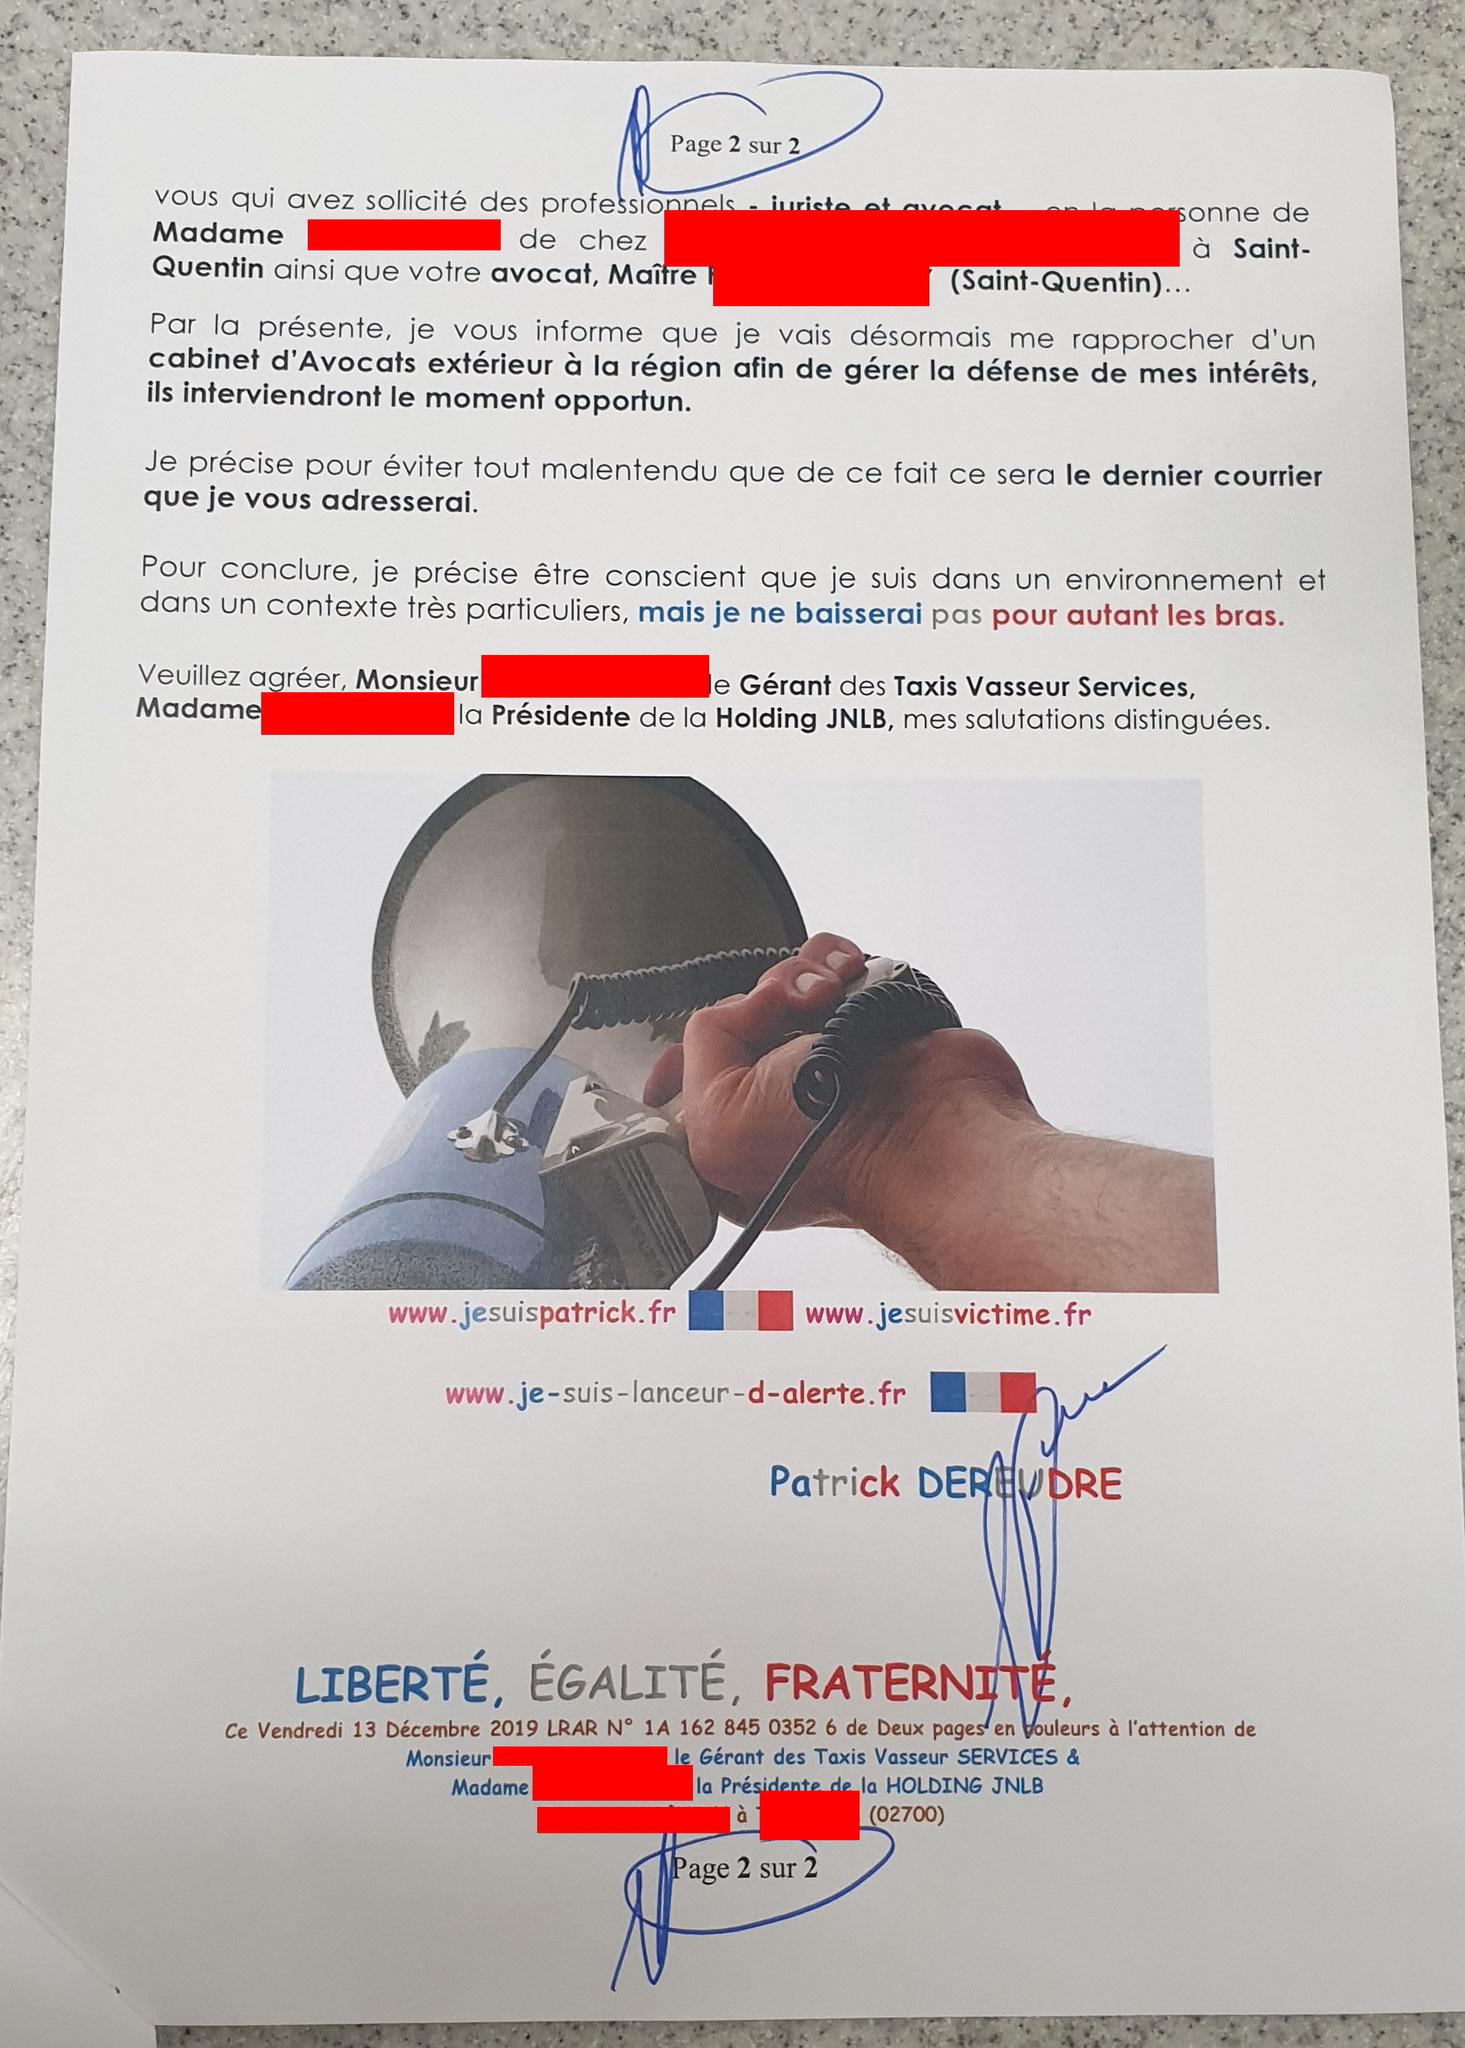 Ma cinquième lettre recommandée du 13 Décembre 2019 au TAXIS VASSEUR SERVICES & HOLDING JNLB// VIOLENCES & SOUFFRANCES AU TRAVAIL (MOBBING & GANG STAKLING) www.jenesuispasunchien.fr www.jesuisvictime.fr www.jesuispatrick.fr